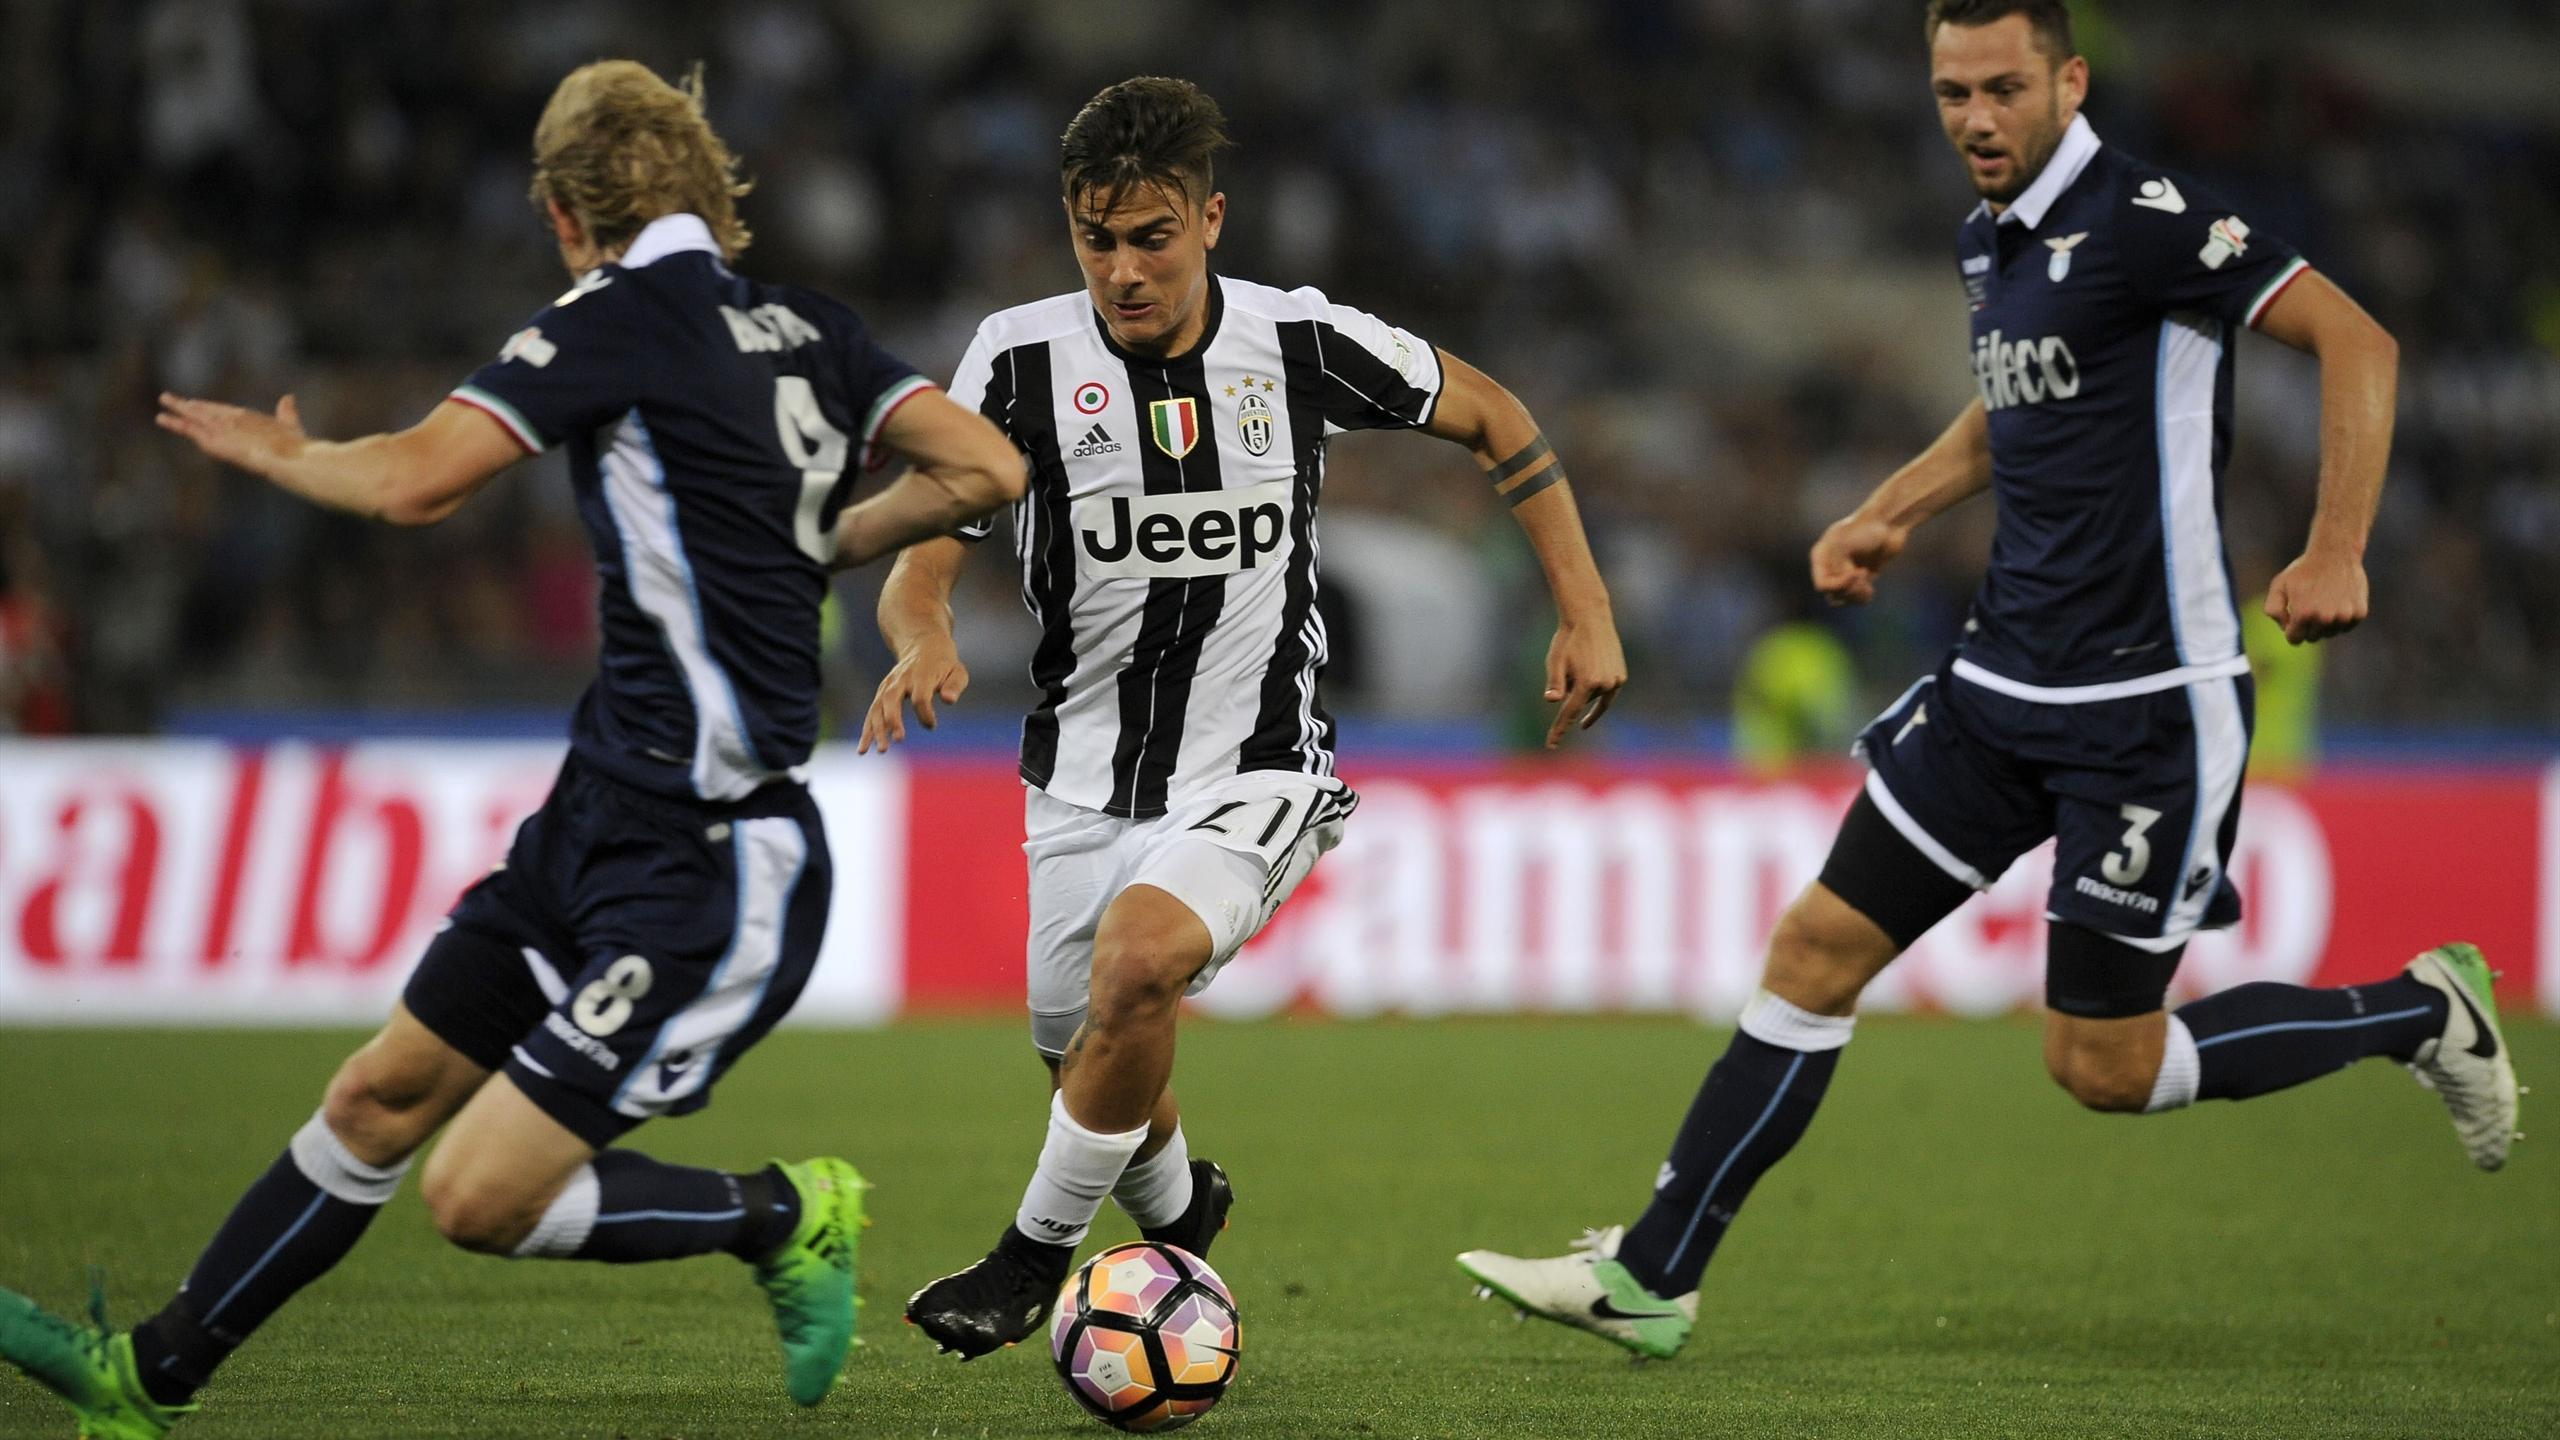 Juventus Football Club SpA Via Druento 175 10151 Torino Italia CONTACT CENTER 899999897 dal lunedì al venerdì dalle 10 alle 20 e il sabato dalle 10 alle 14